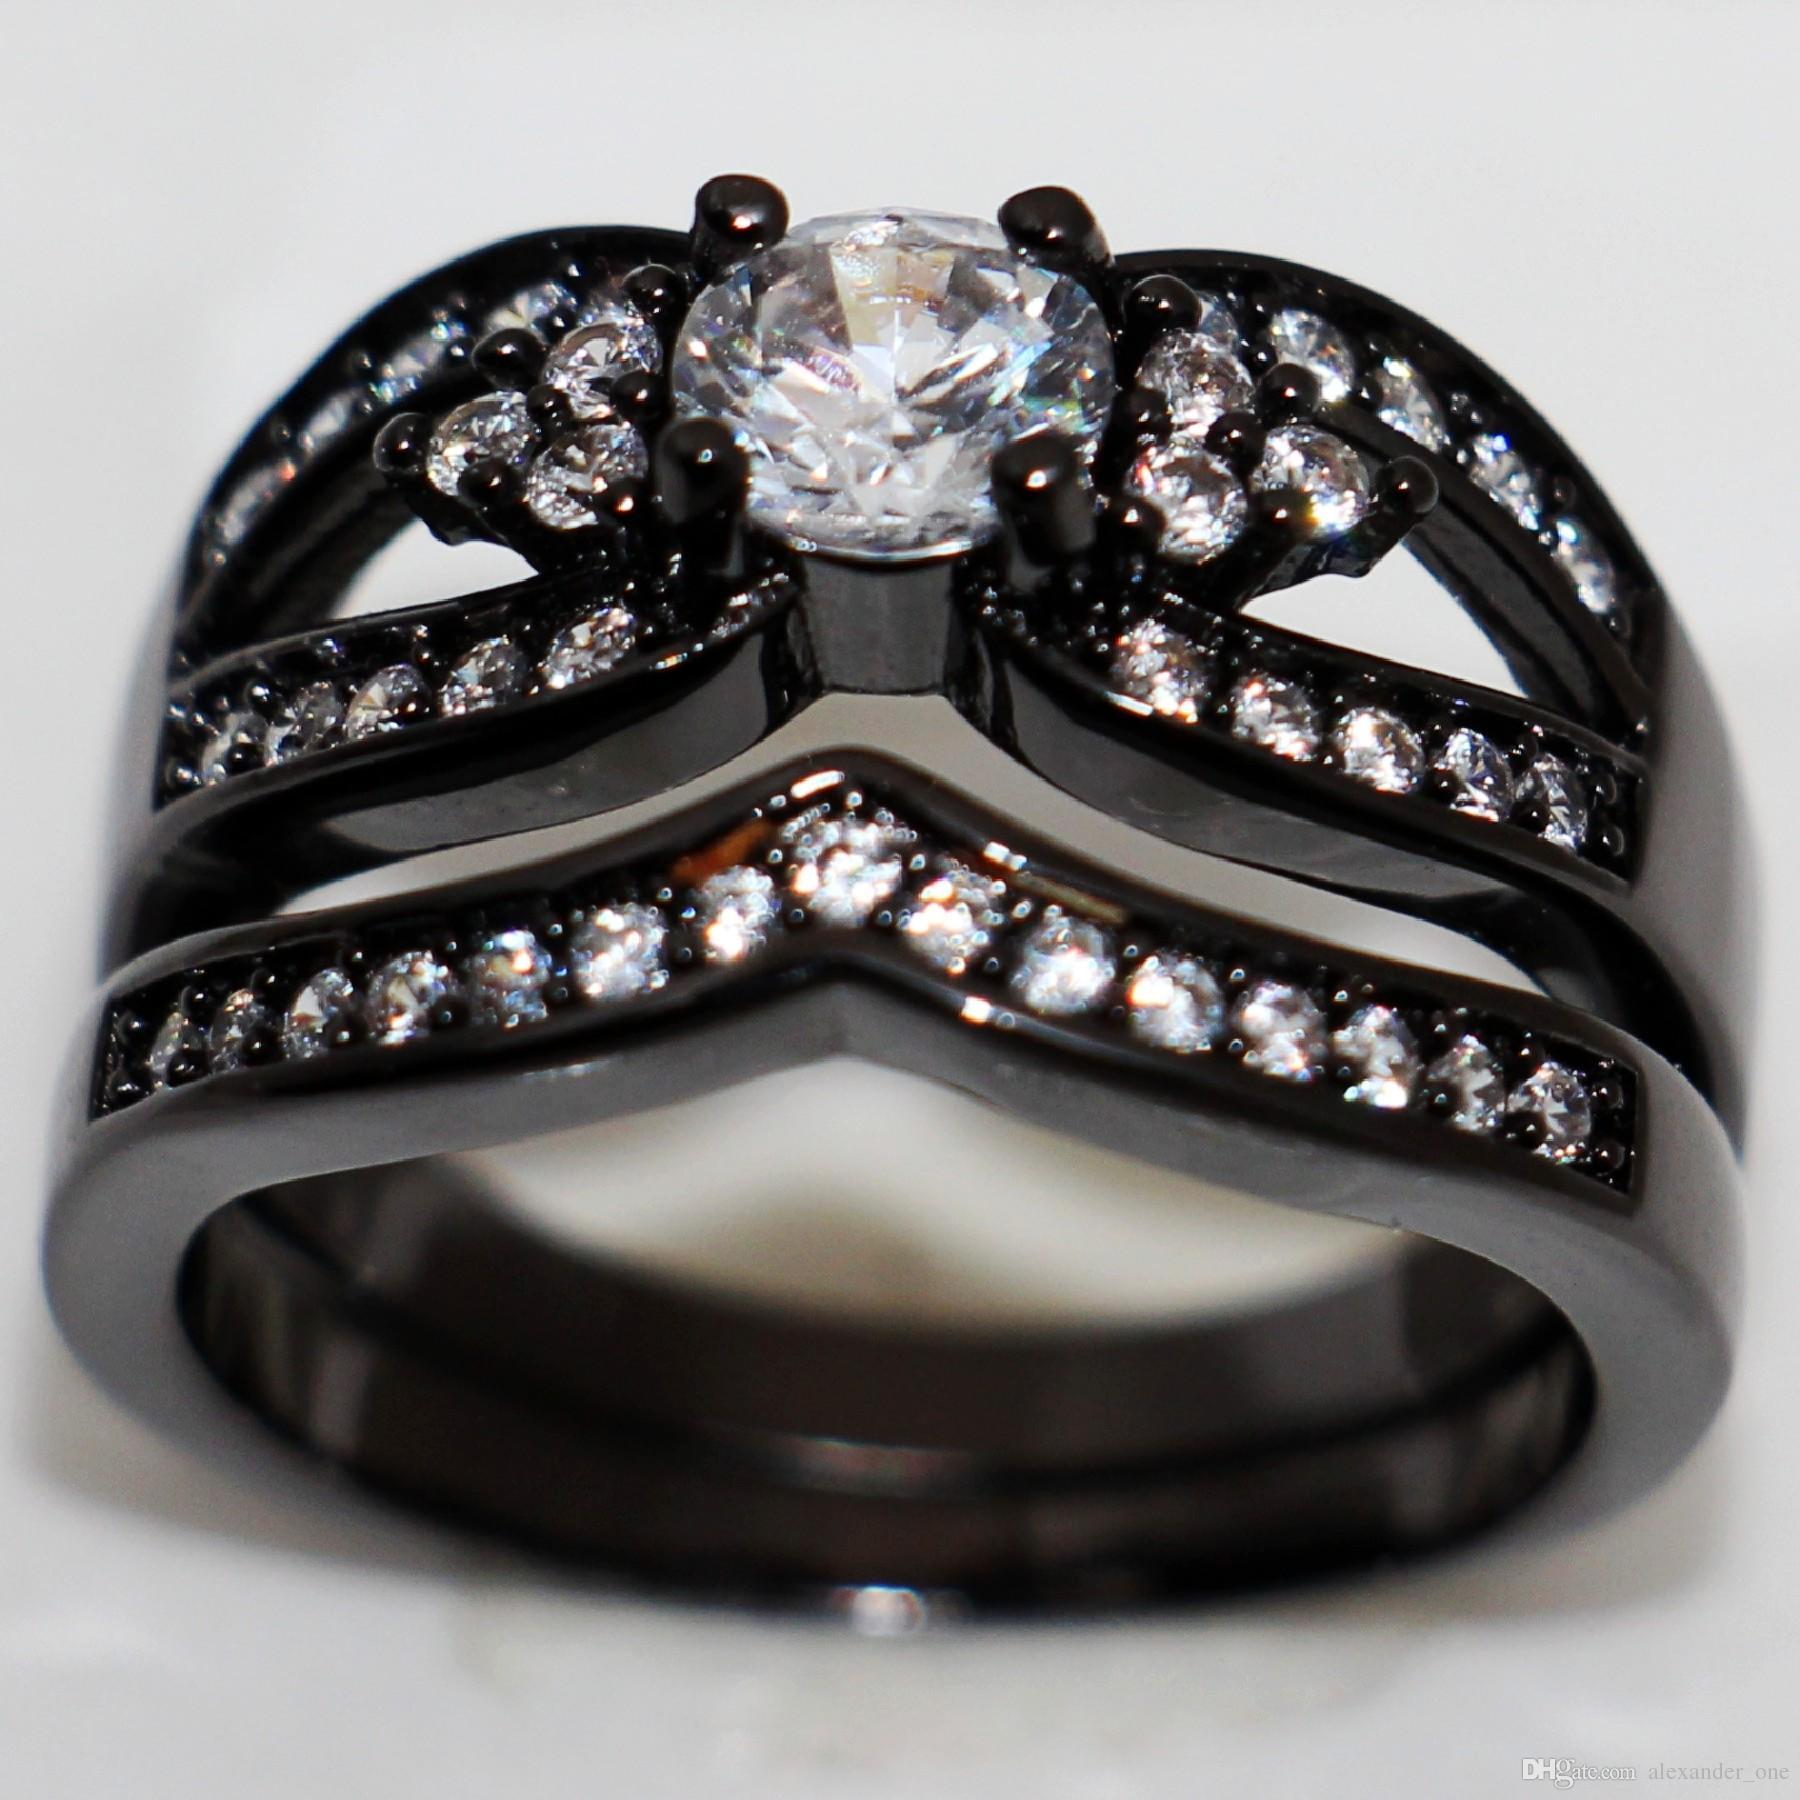 2016 스털링 실버 블랙 골드 링 세트 패션 여자의 손가락이 여성의 참여 웨딩 손가락 반지 새로운 디자인 보석 반지 지르콘